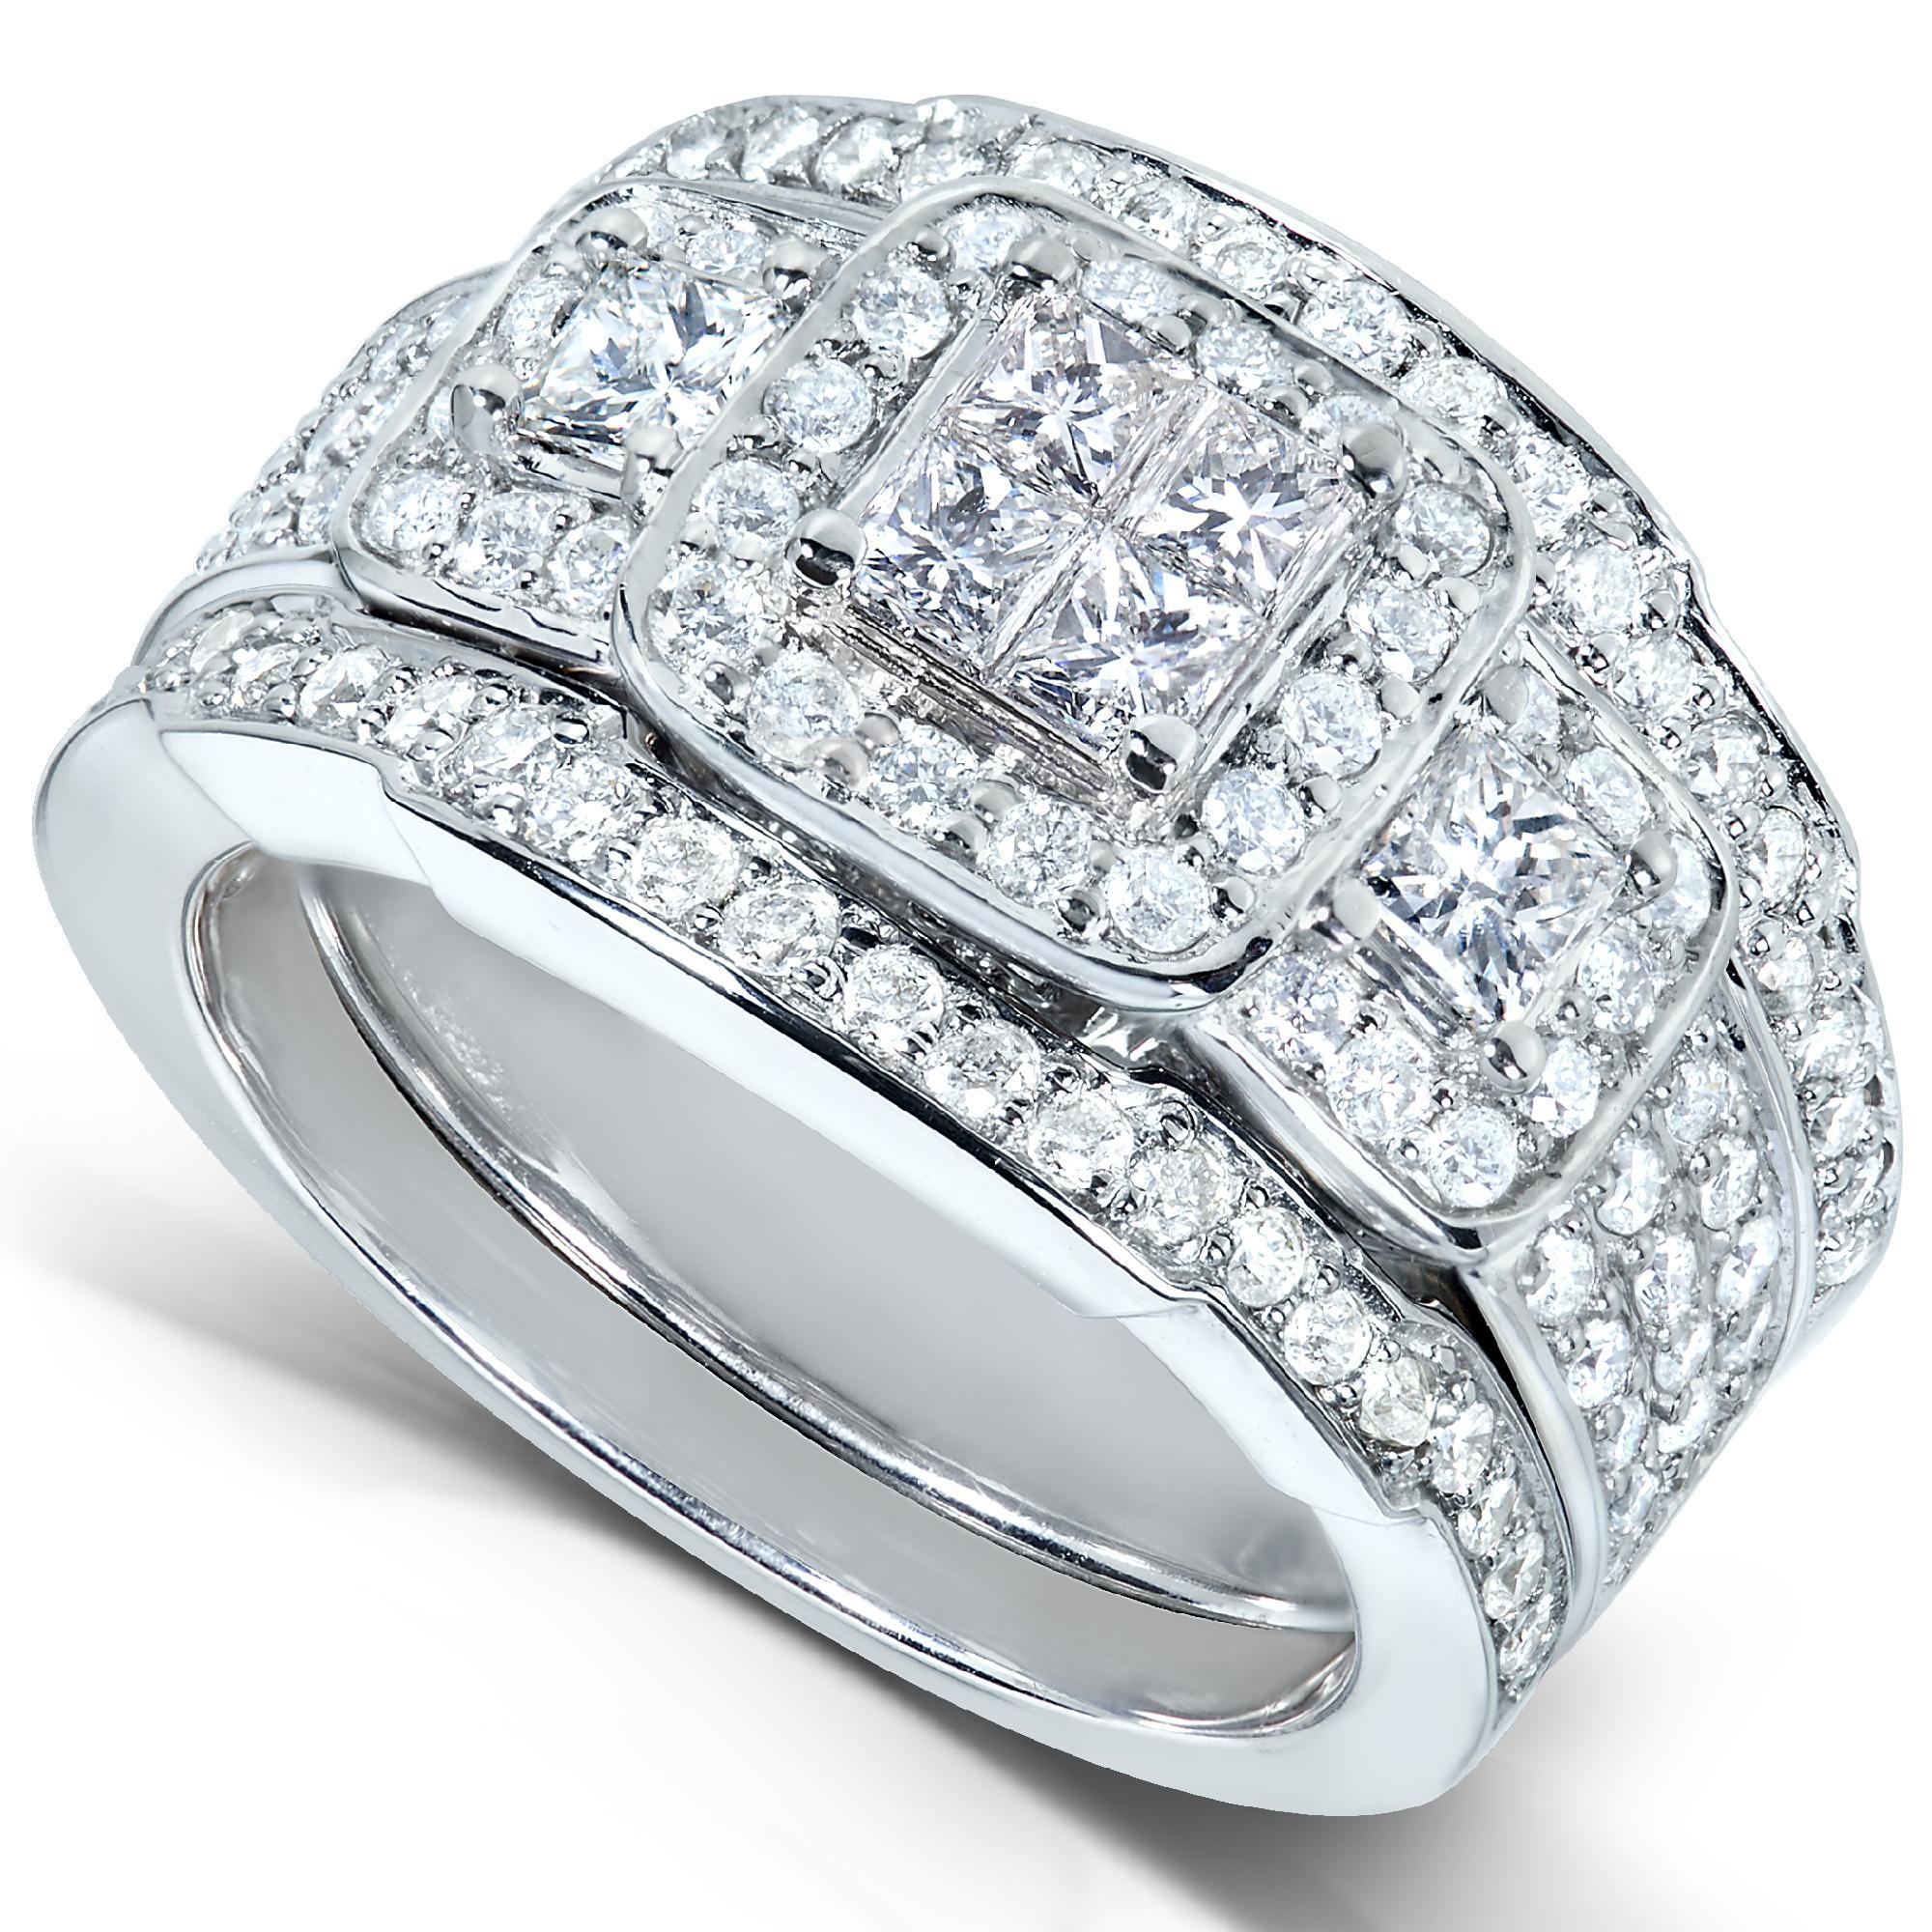 Diamond Me Princess Diamond Wedding Rings Set 1 13 Carat